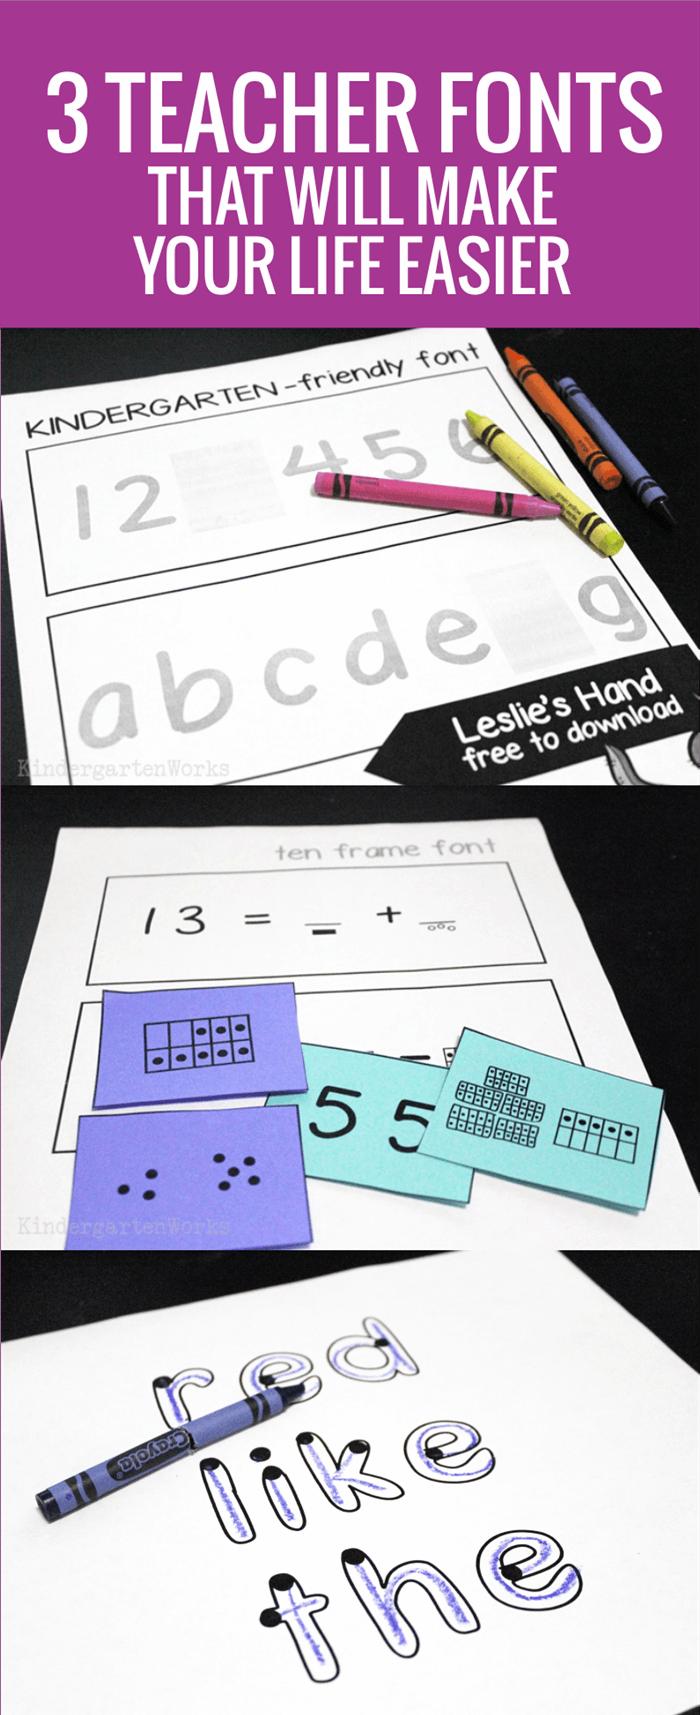 3 Teacher Fonts to Make Your Life Easier in Kindergarten